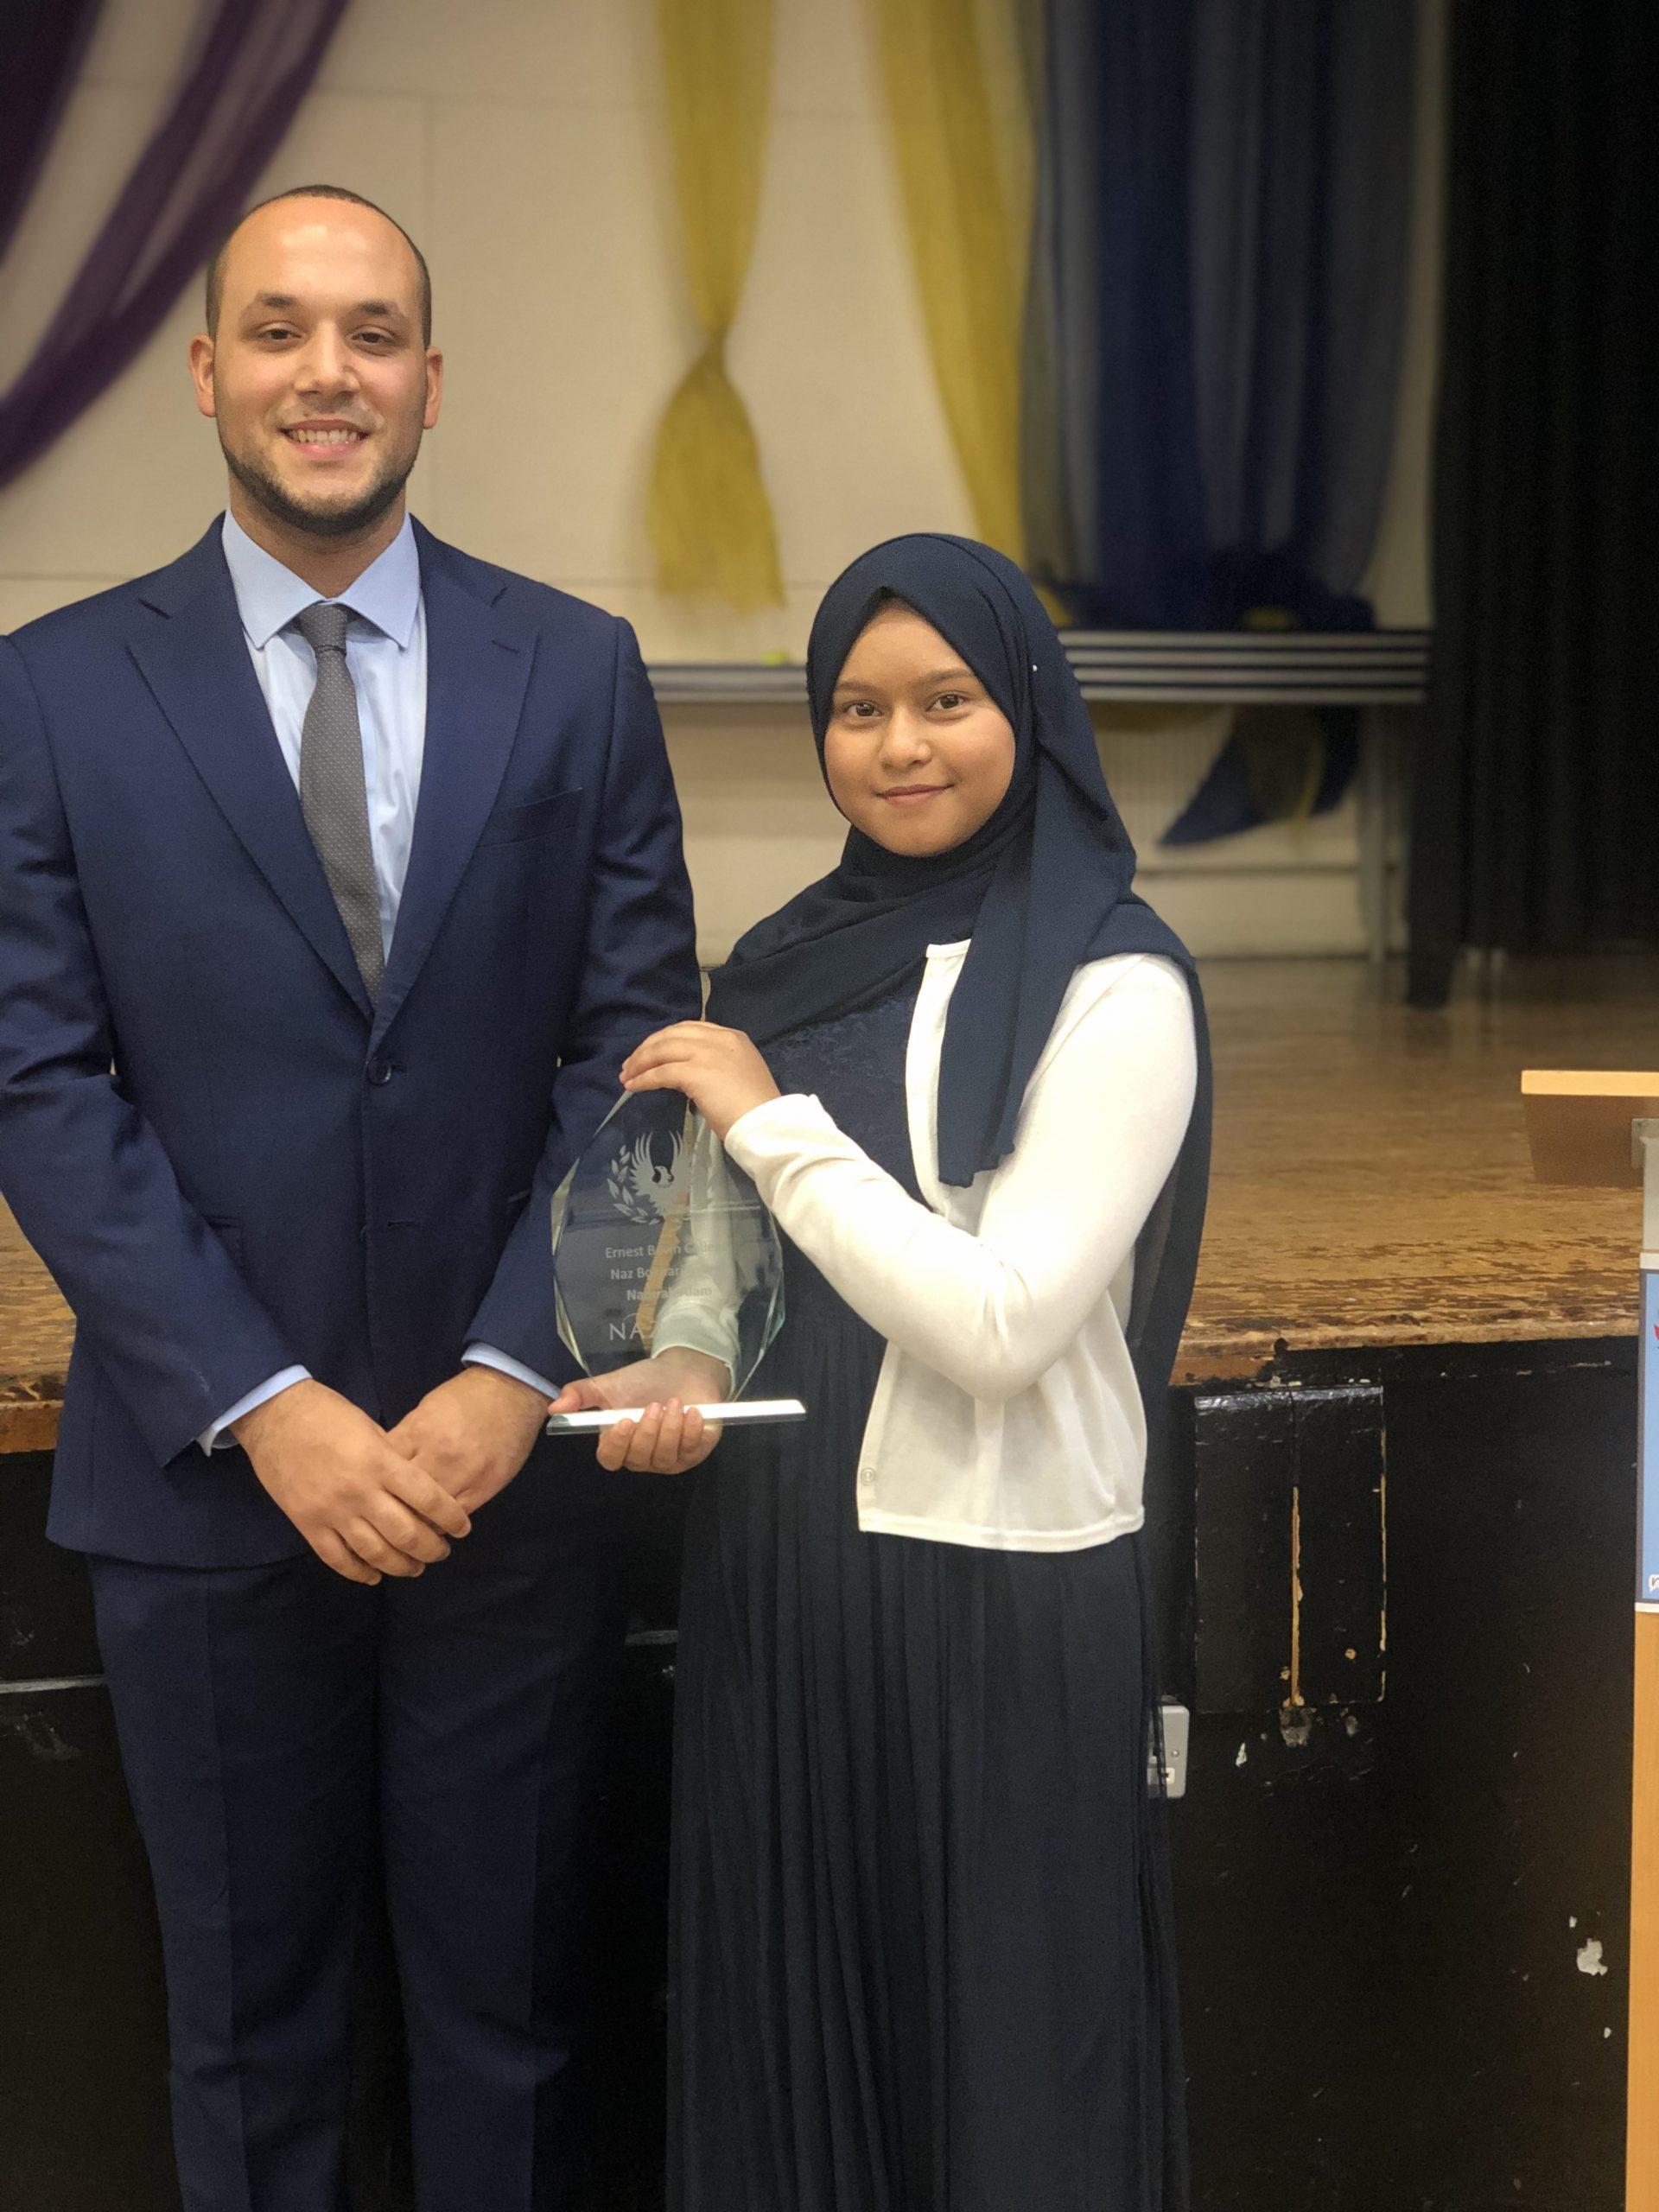 Naz Bokhari Award Winner 2019 Announced